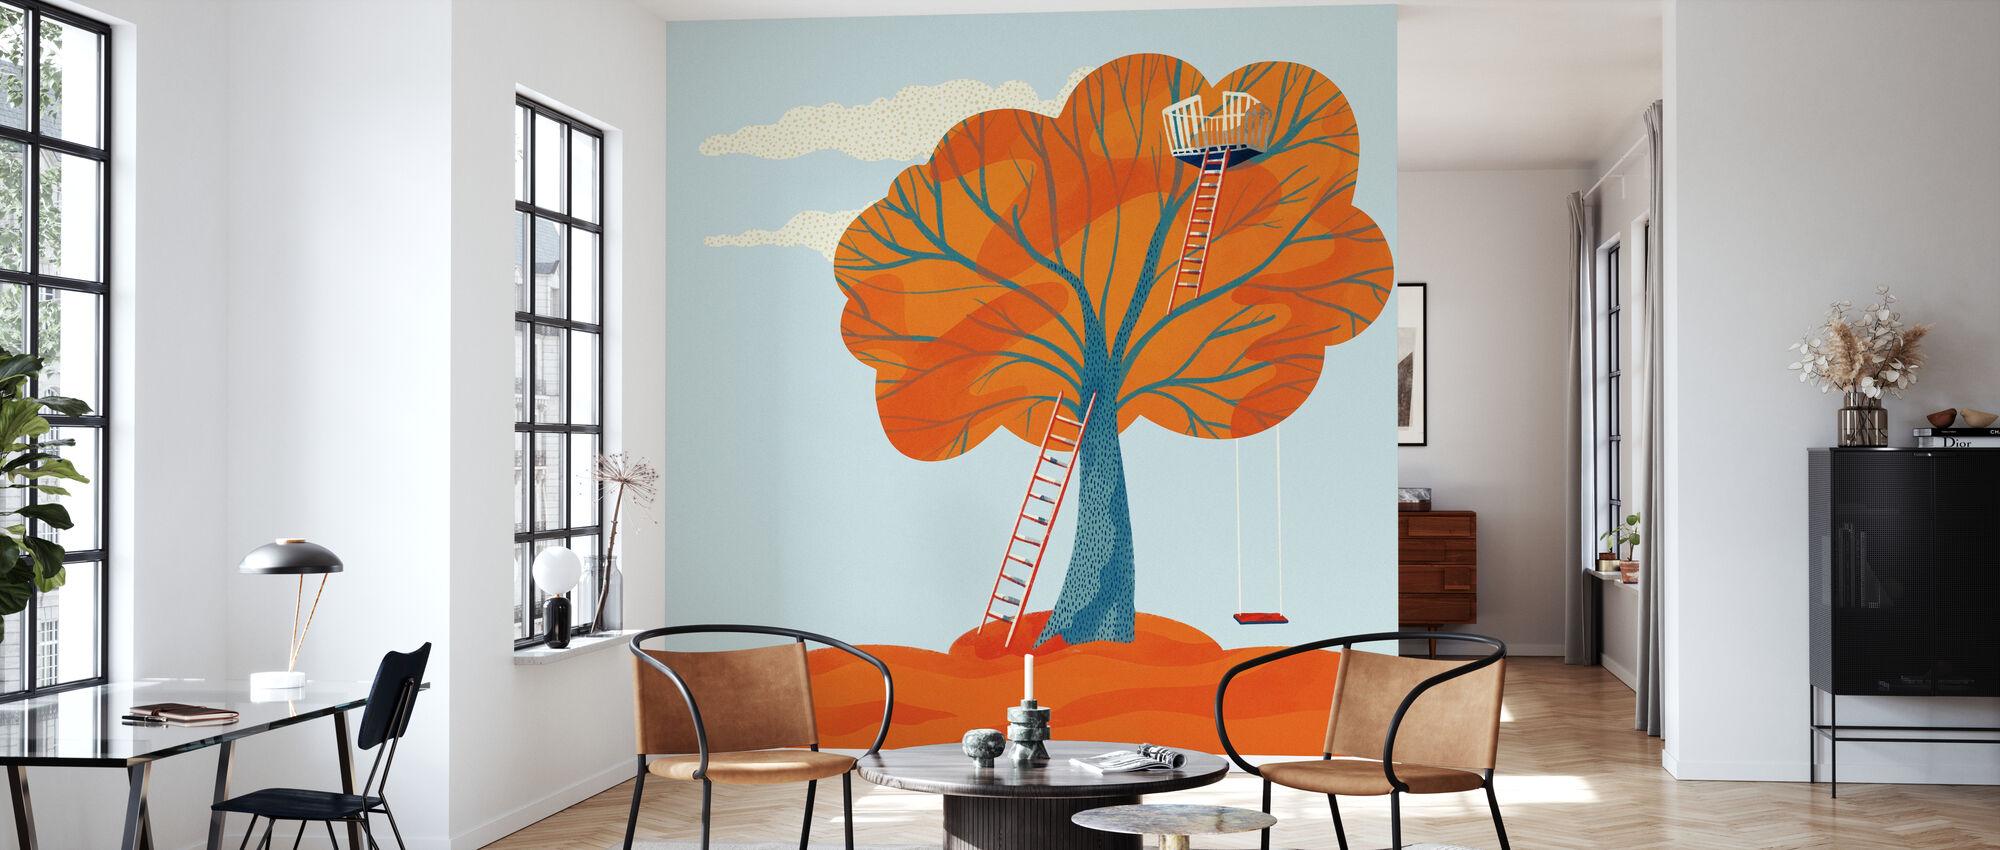 Herbstbaumhaus - Tapete - Wohnzimmer